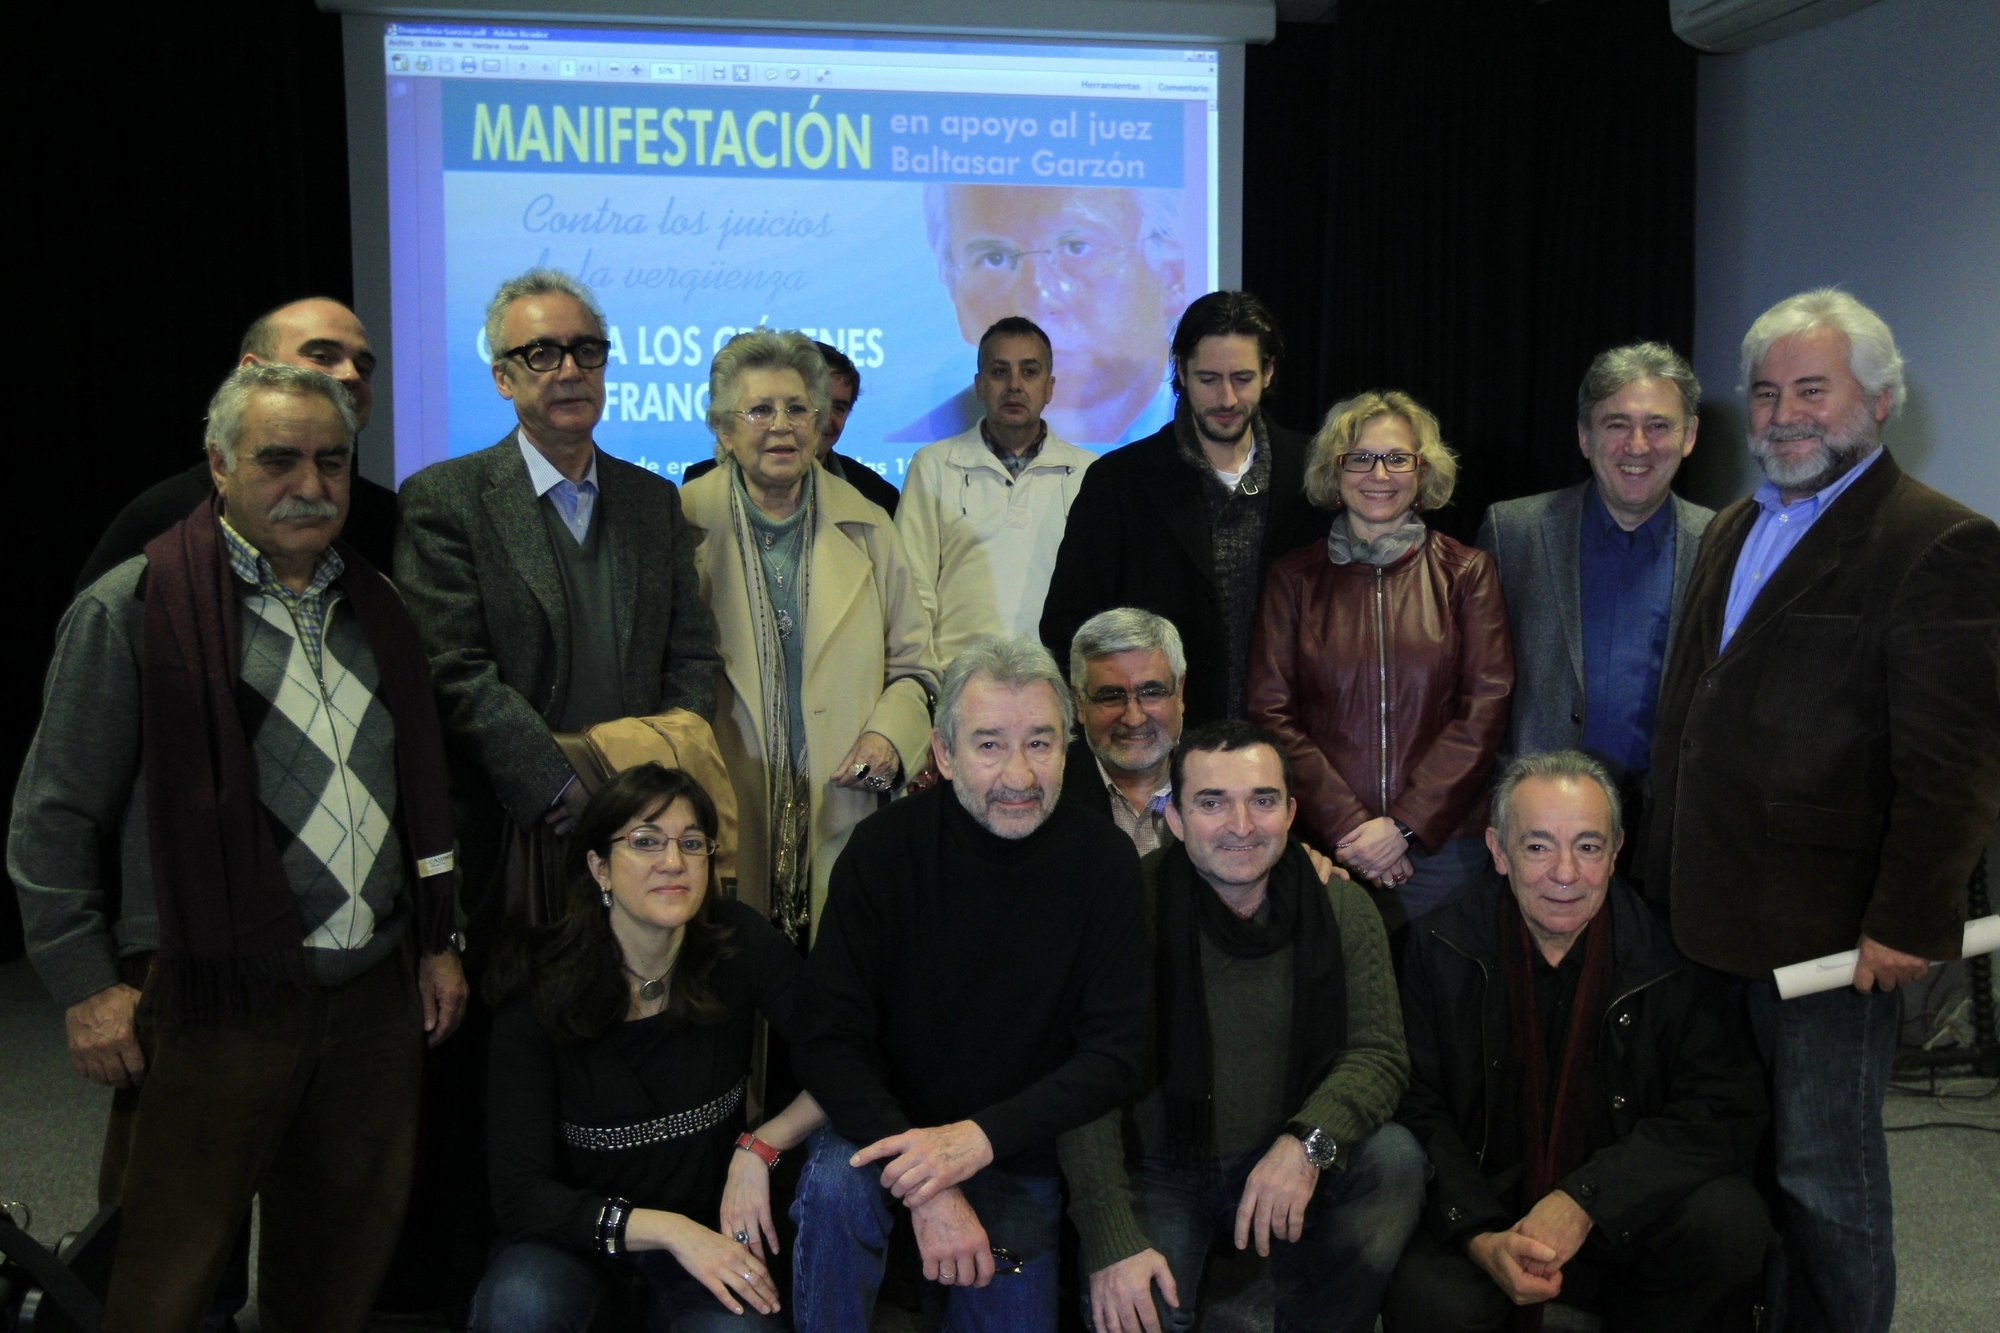 Una manifestación recorrerá mañana el centro de Madrid en solidaridad con el juez y las víctimas del franquismo